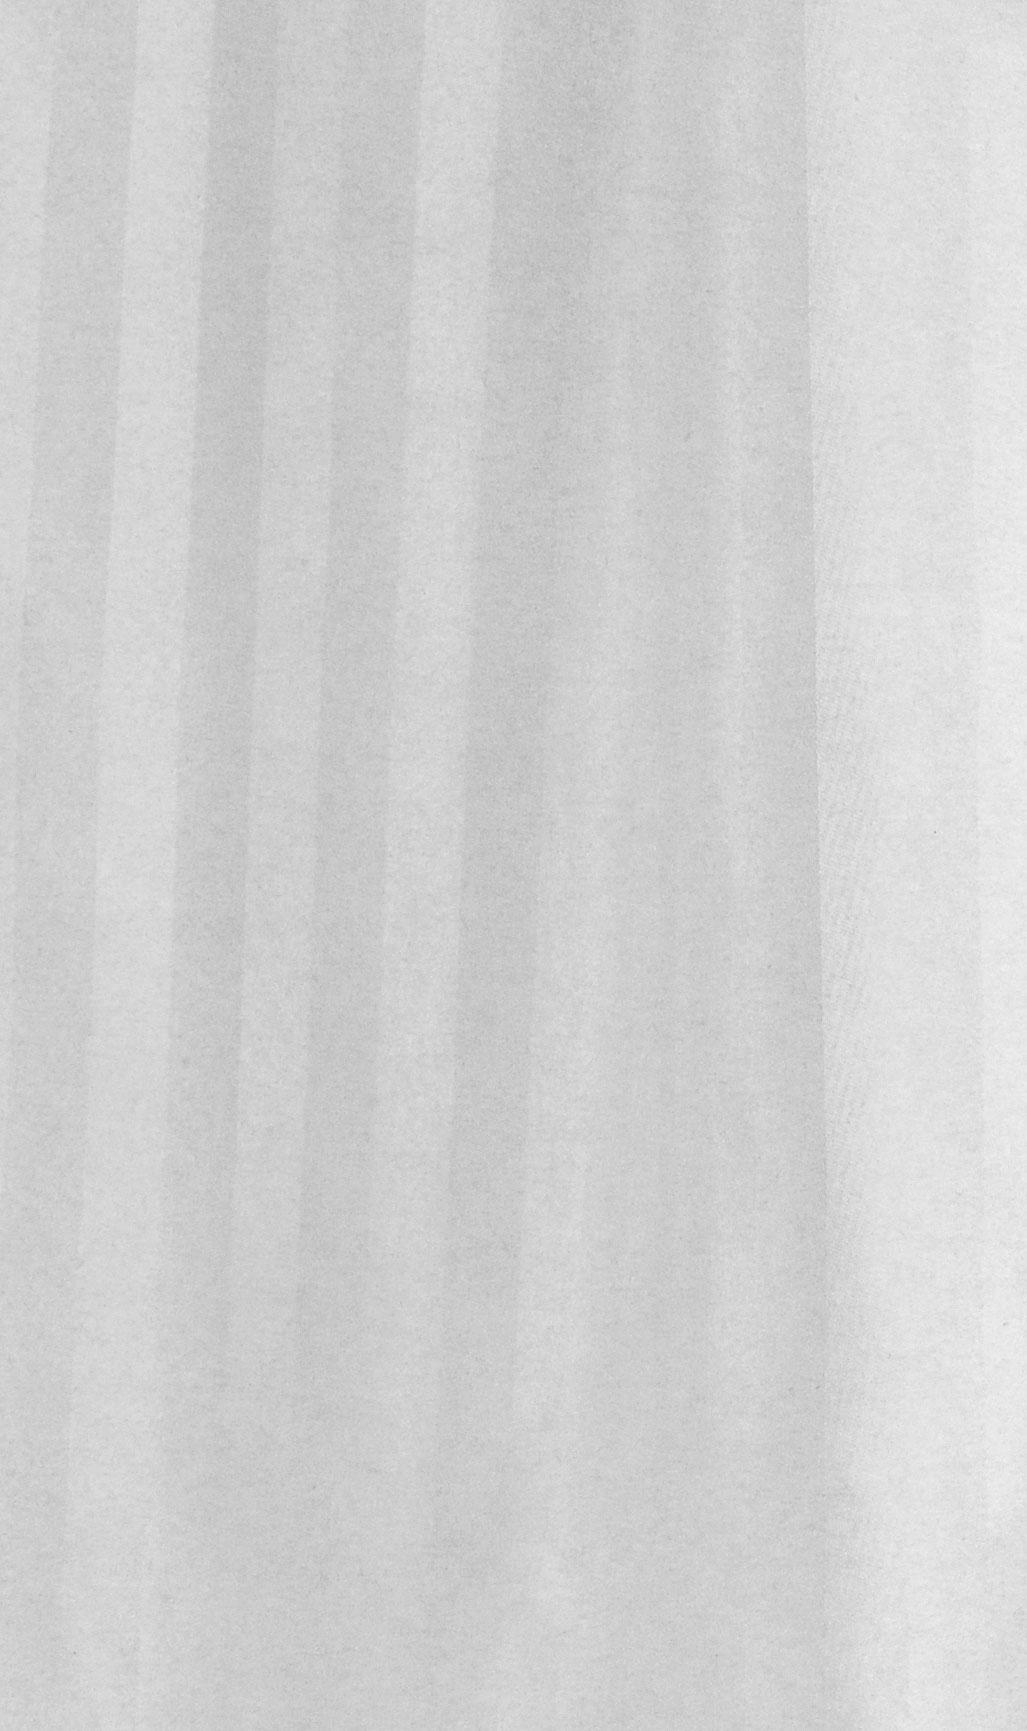 Штора для ванной комнаты White Fox Полоска, цвет: белый, 180 см х 200 смWBCH10-303Штора для ванной комнаты White Fox Полоска выполнена из полиэстера с водоотталкивающей и антибактериальной пропиткой. В нижний край вшит утяжелитель змейка, который обладает большой гибкостью и не теряет своих свойств после стирки. Штора оформлена узором в полоску. В комплекте прилагаются 12 фигурных пластиковых колец в форме С.Штора для ванной комнаты White Fox Полоска удобна и проста в уходе. Можно стирать при температуре не выше +30°C и гладить при температуре до +110°C.Штора для ванной комнаты является прекрасным украшением для ванной комнаты и надежной защитой от разбрызгивания воды.